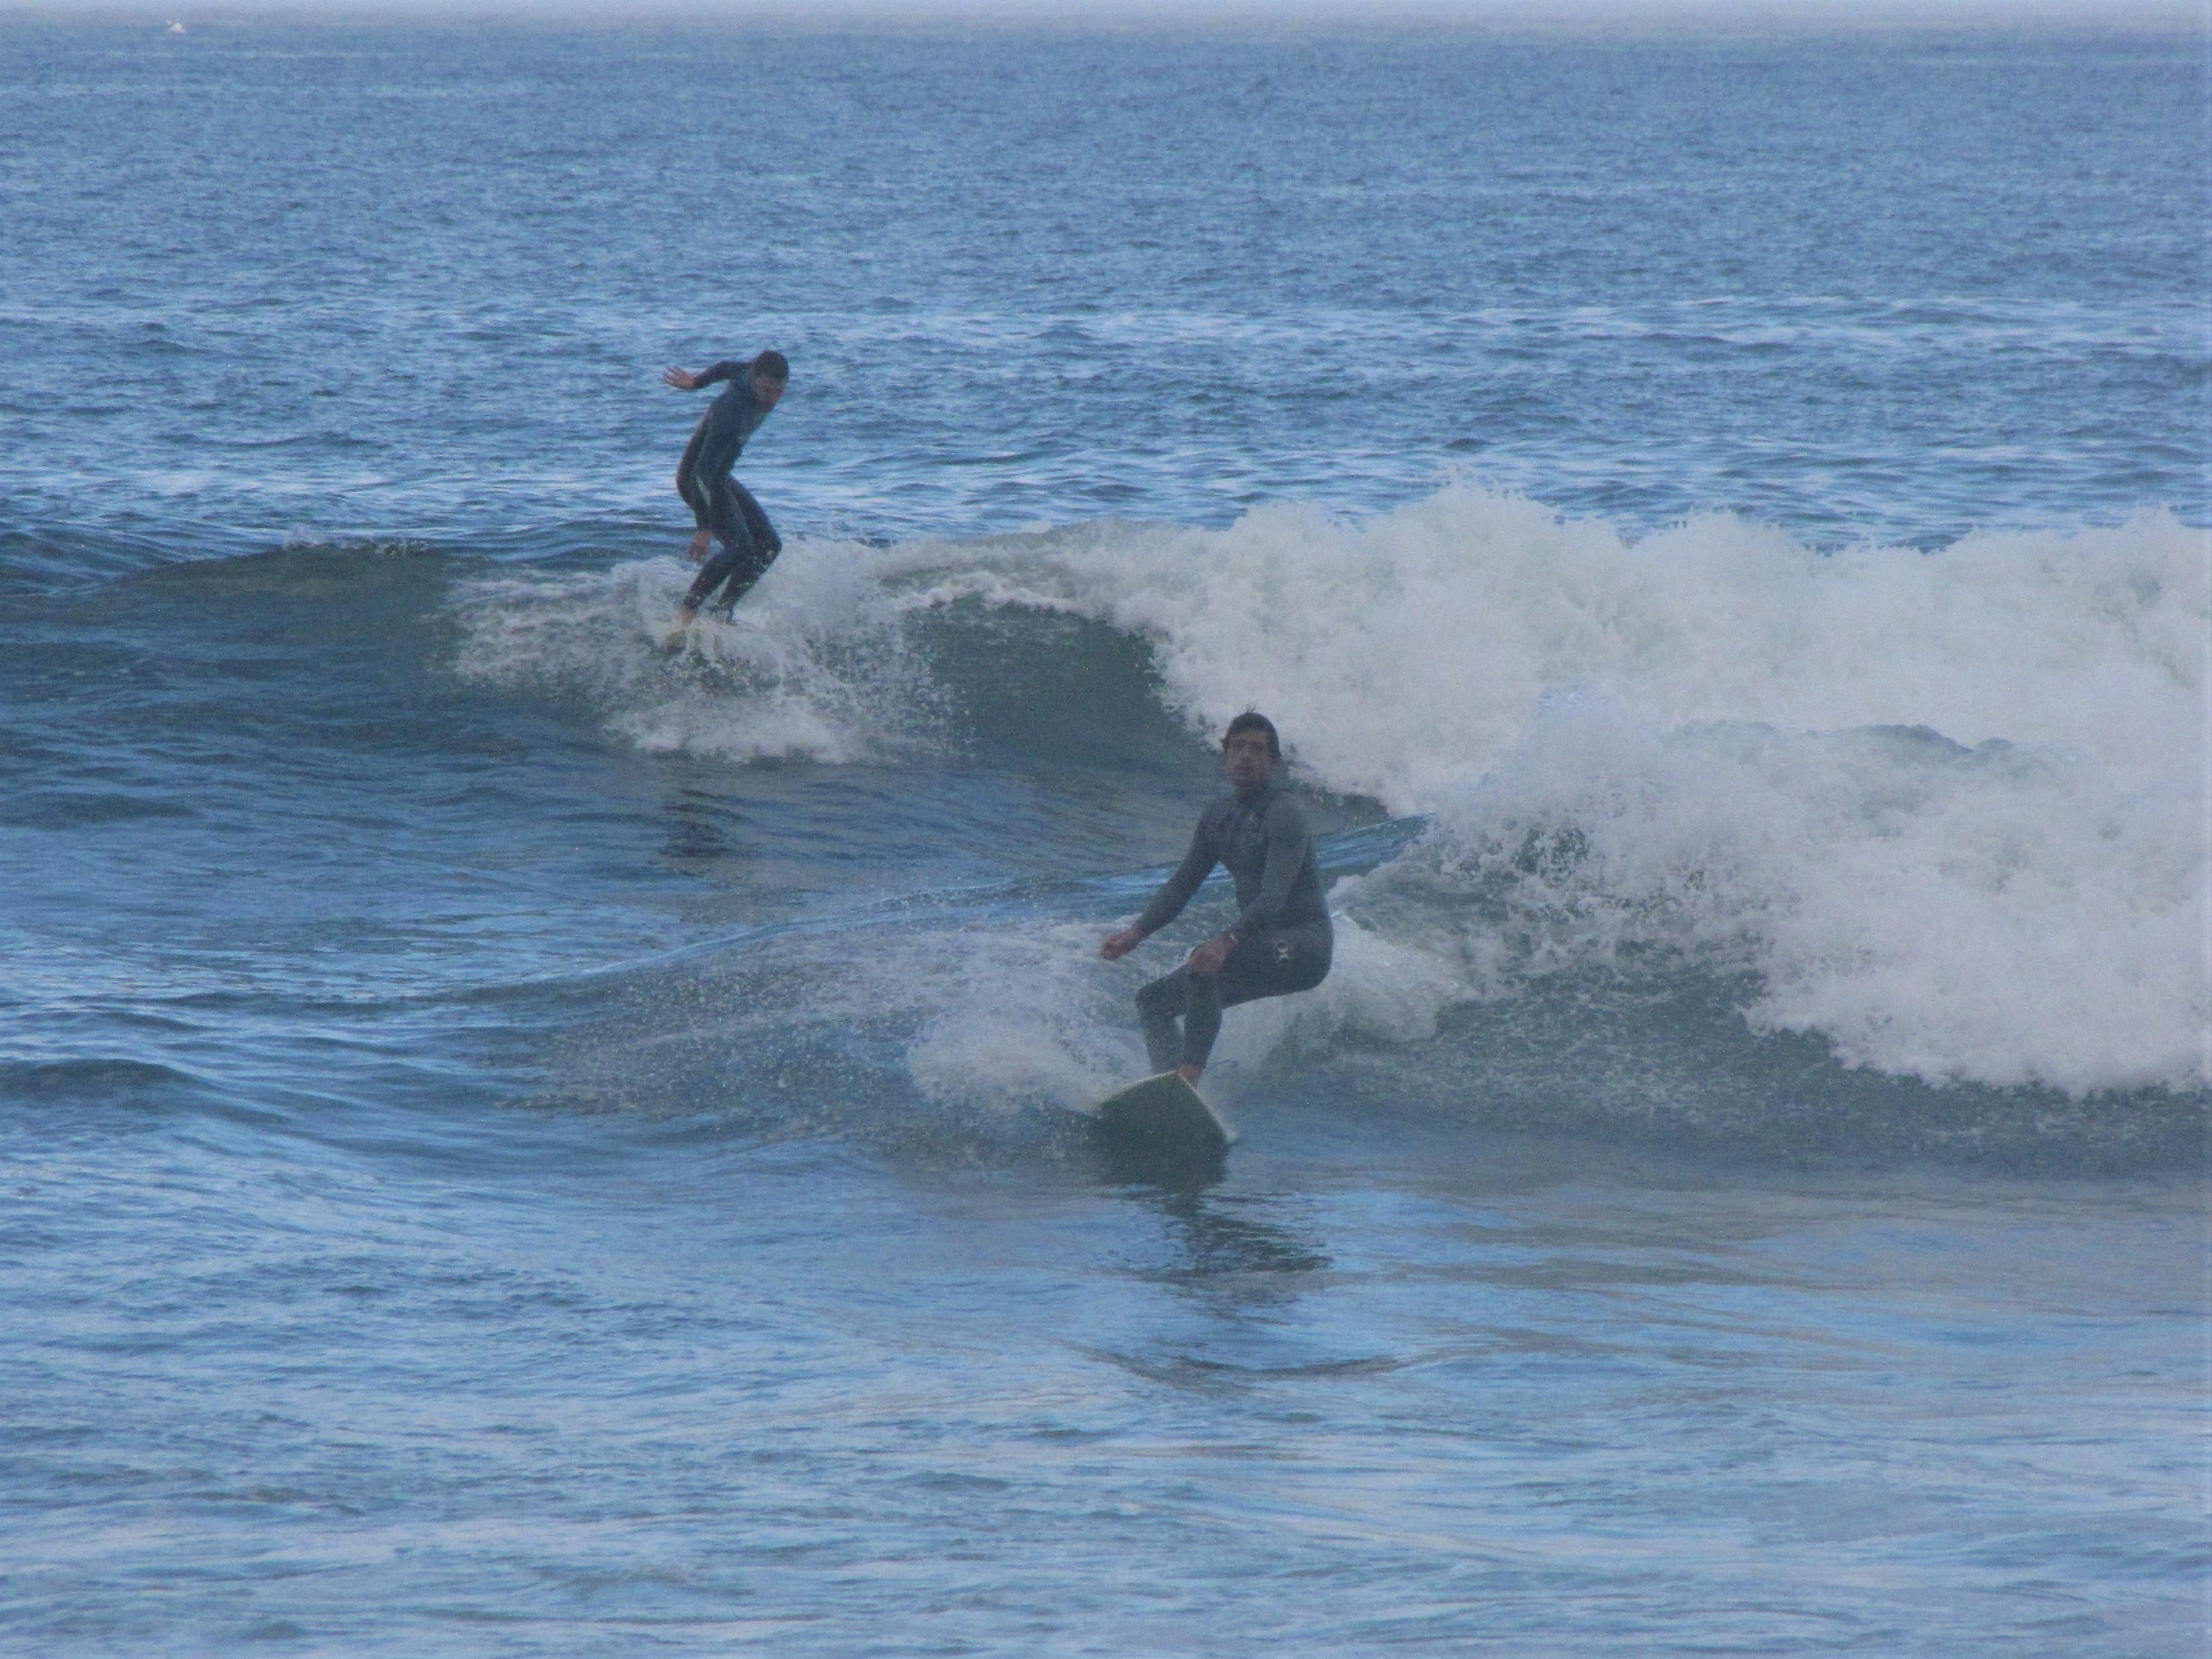 cordoama daniel and surfguide guest